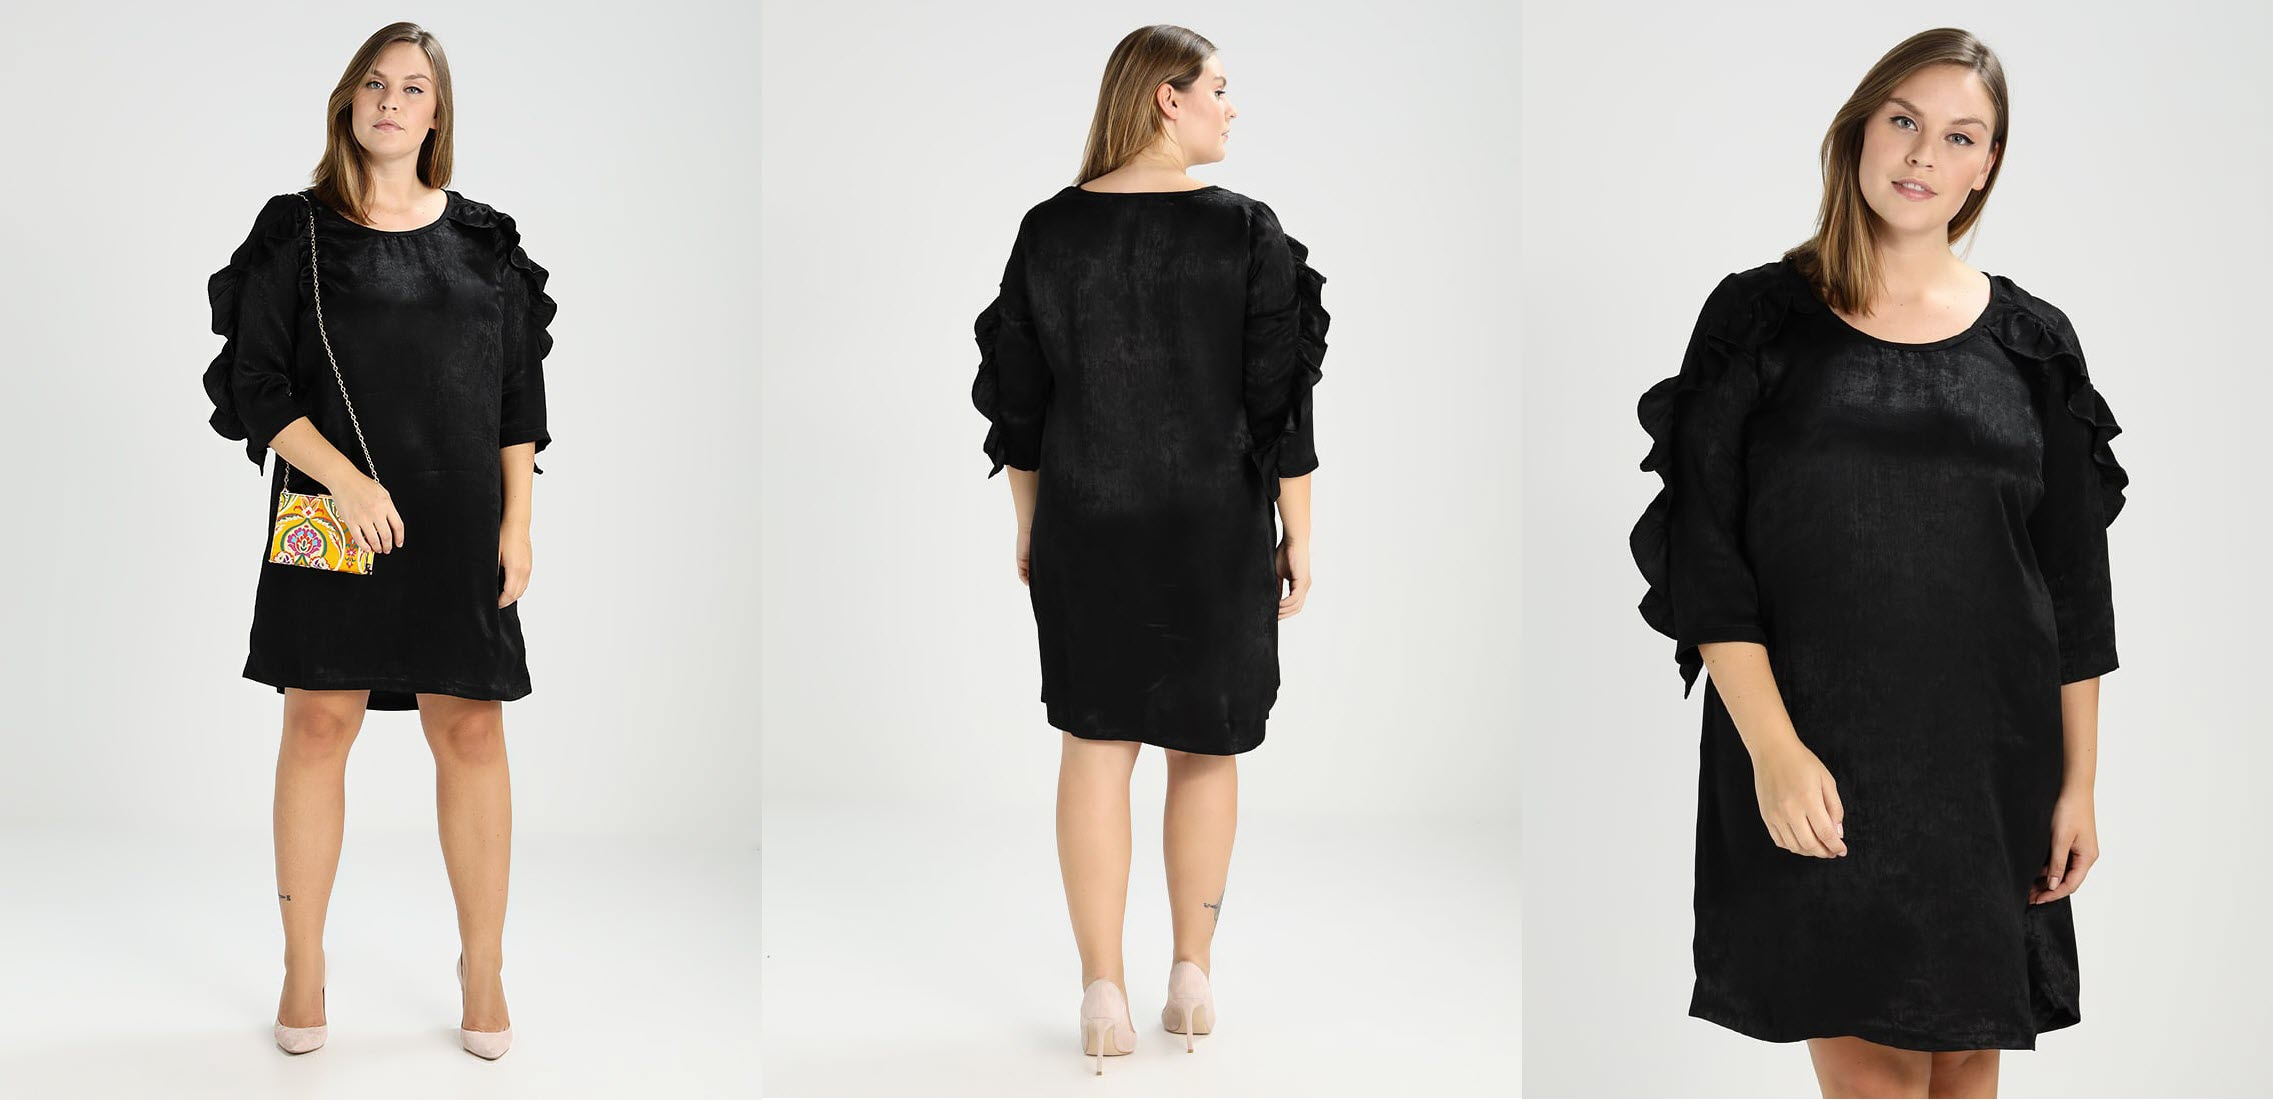 czarna sukienka sylwestrowa dla puszystych